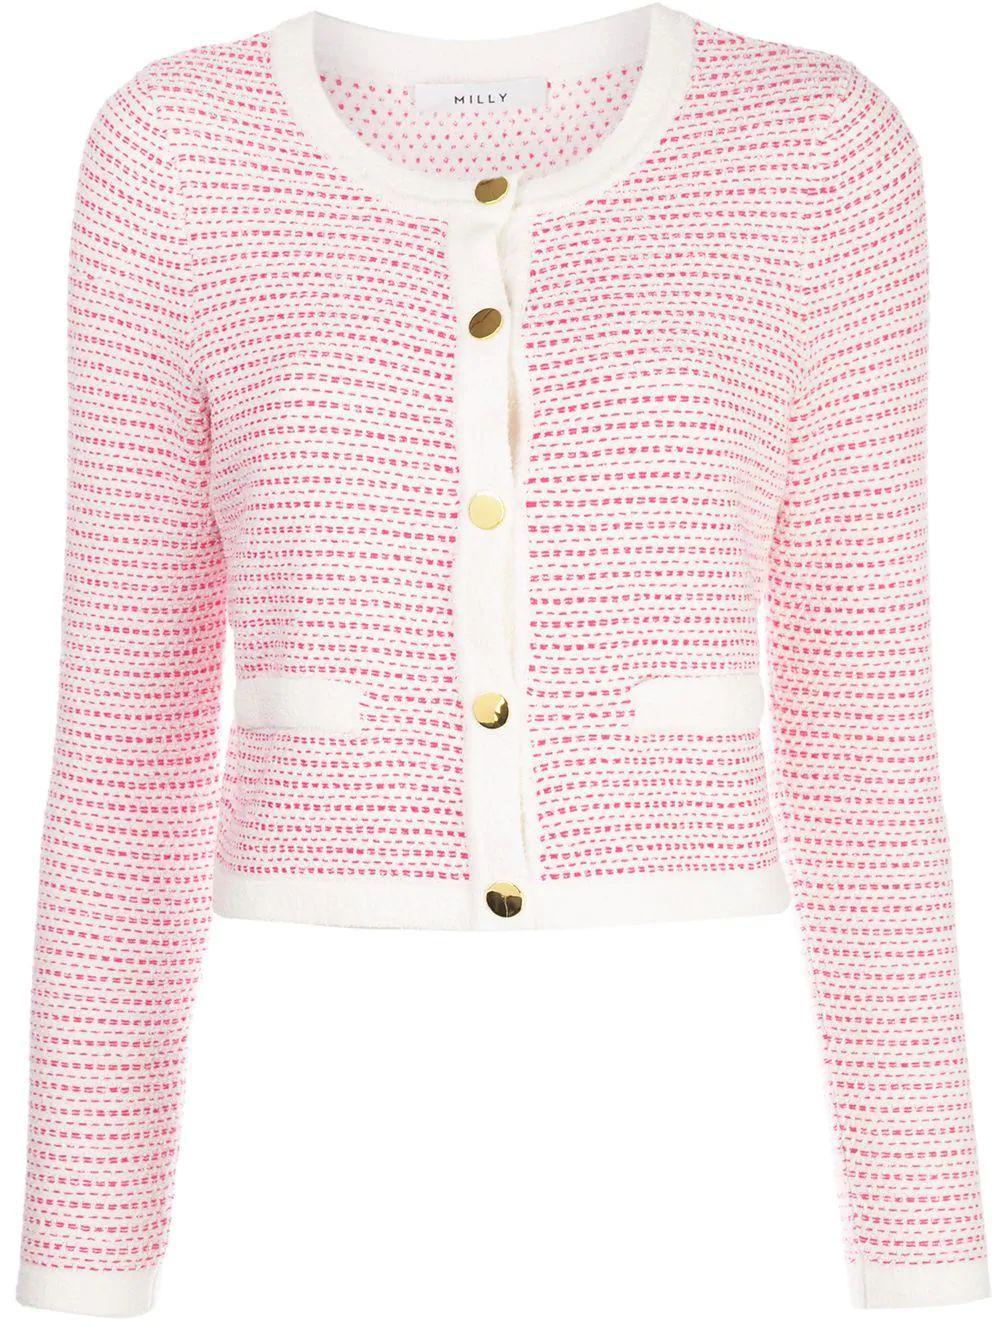 Tweed Knit Cropped Cardigan Item # KPT001